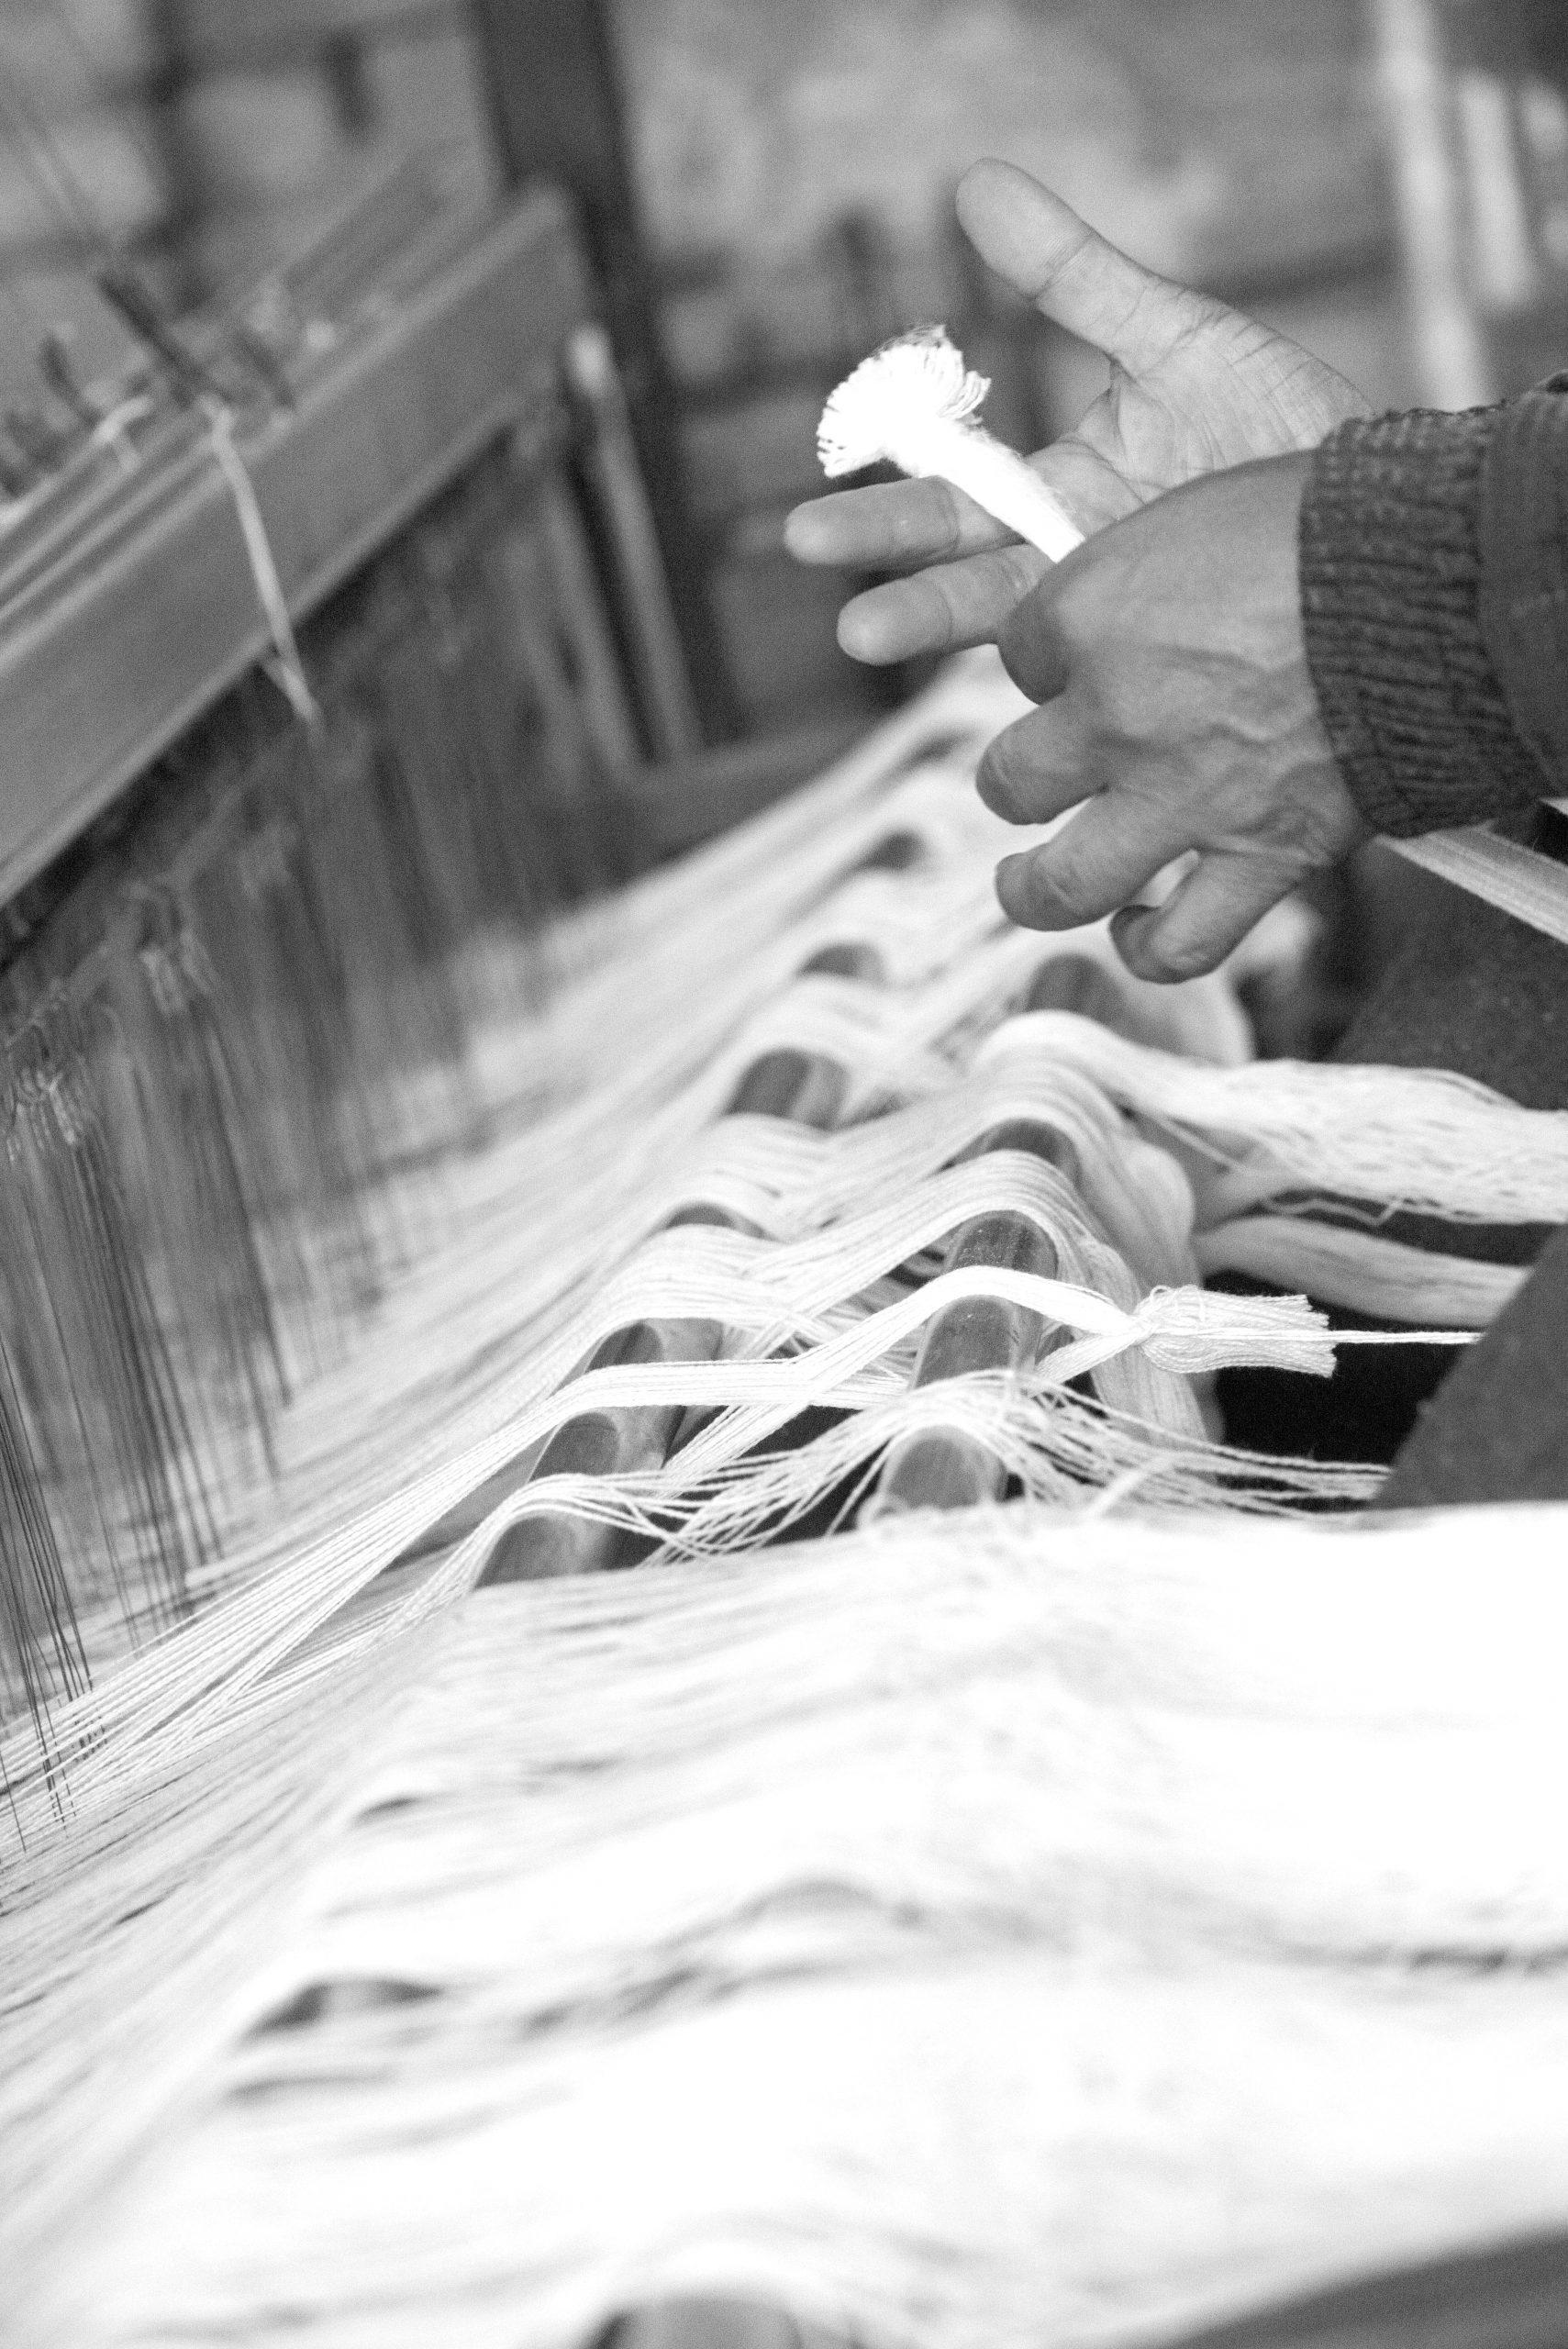 Handwoven-loom-zlcopenhagen